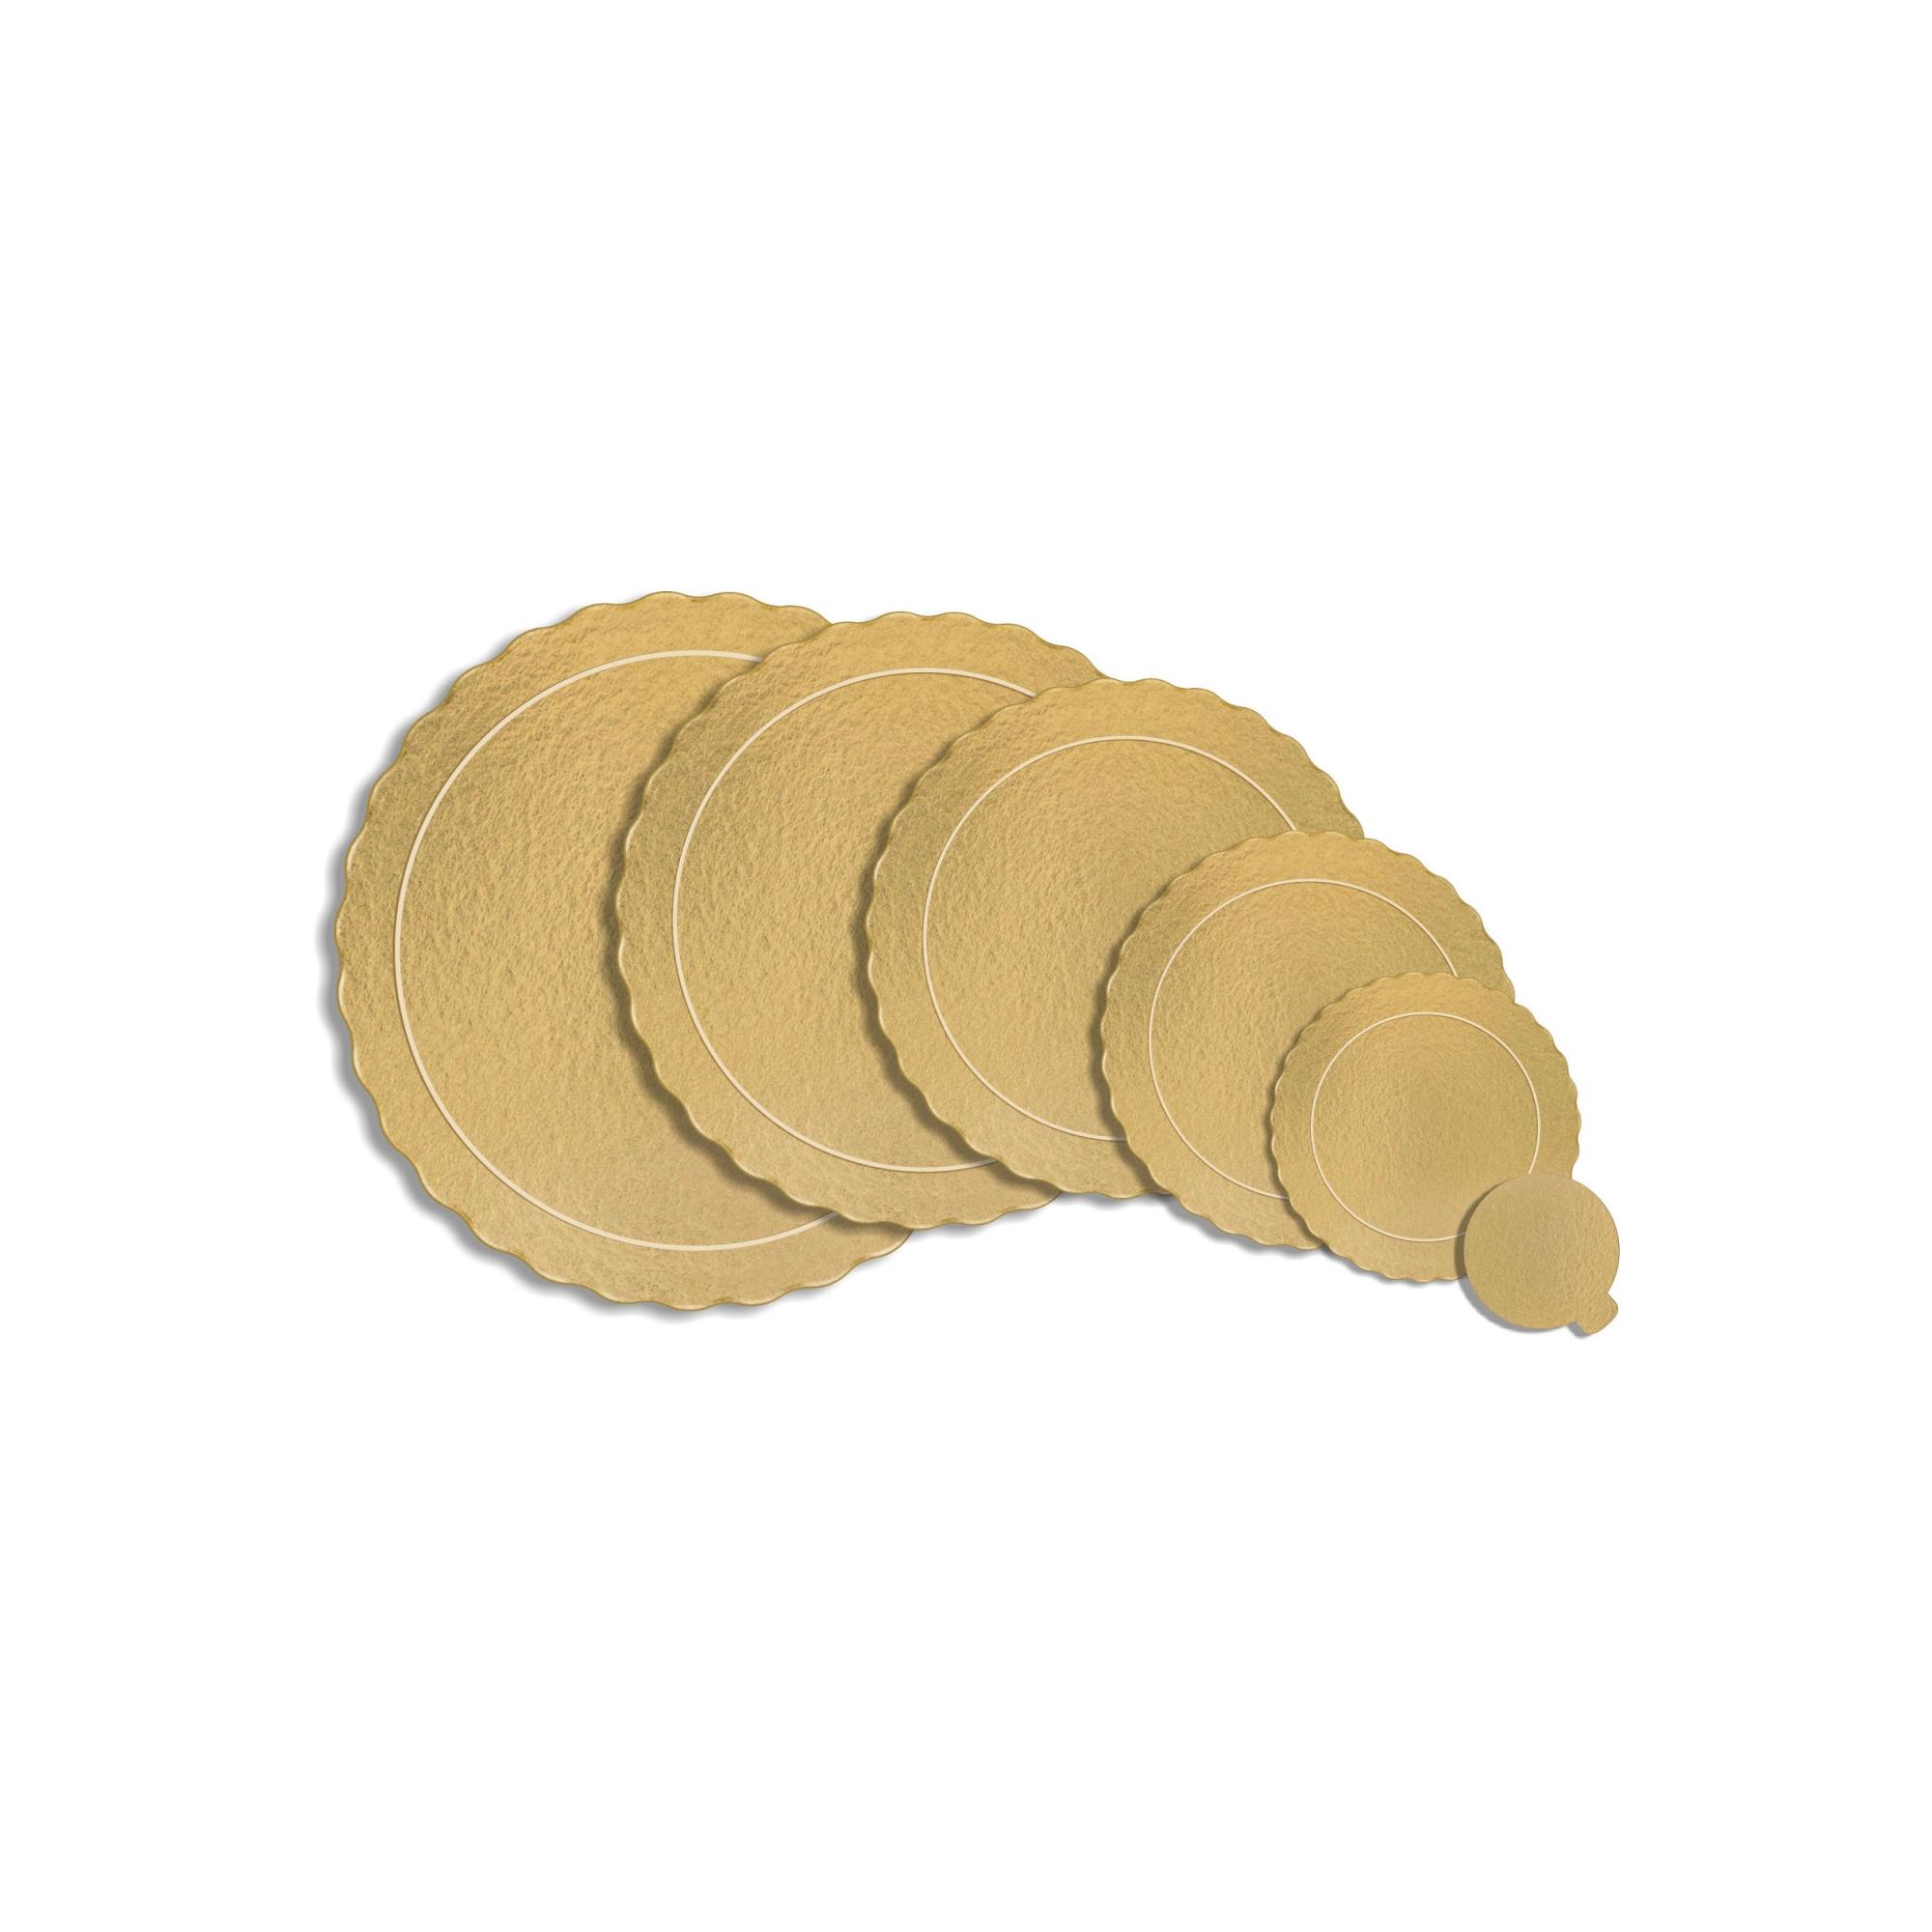 Kit 100 Bases Laminadas Para Bolo, Cake Board, 21 e 26cm - Ouro